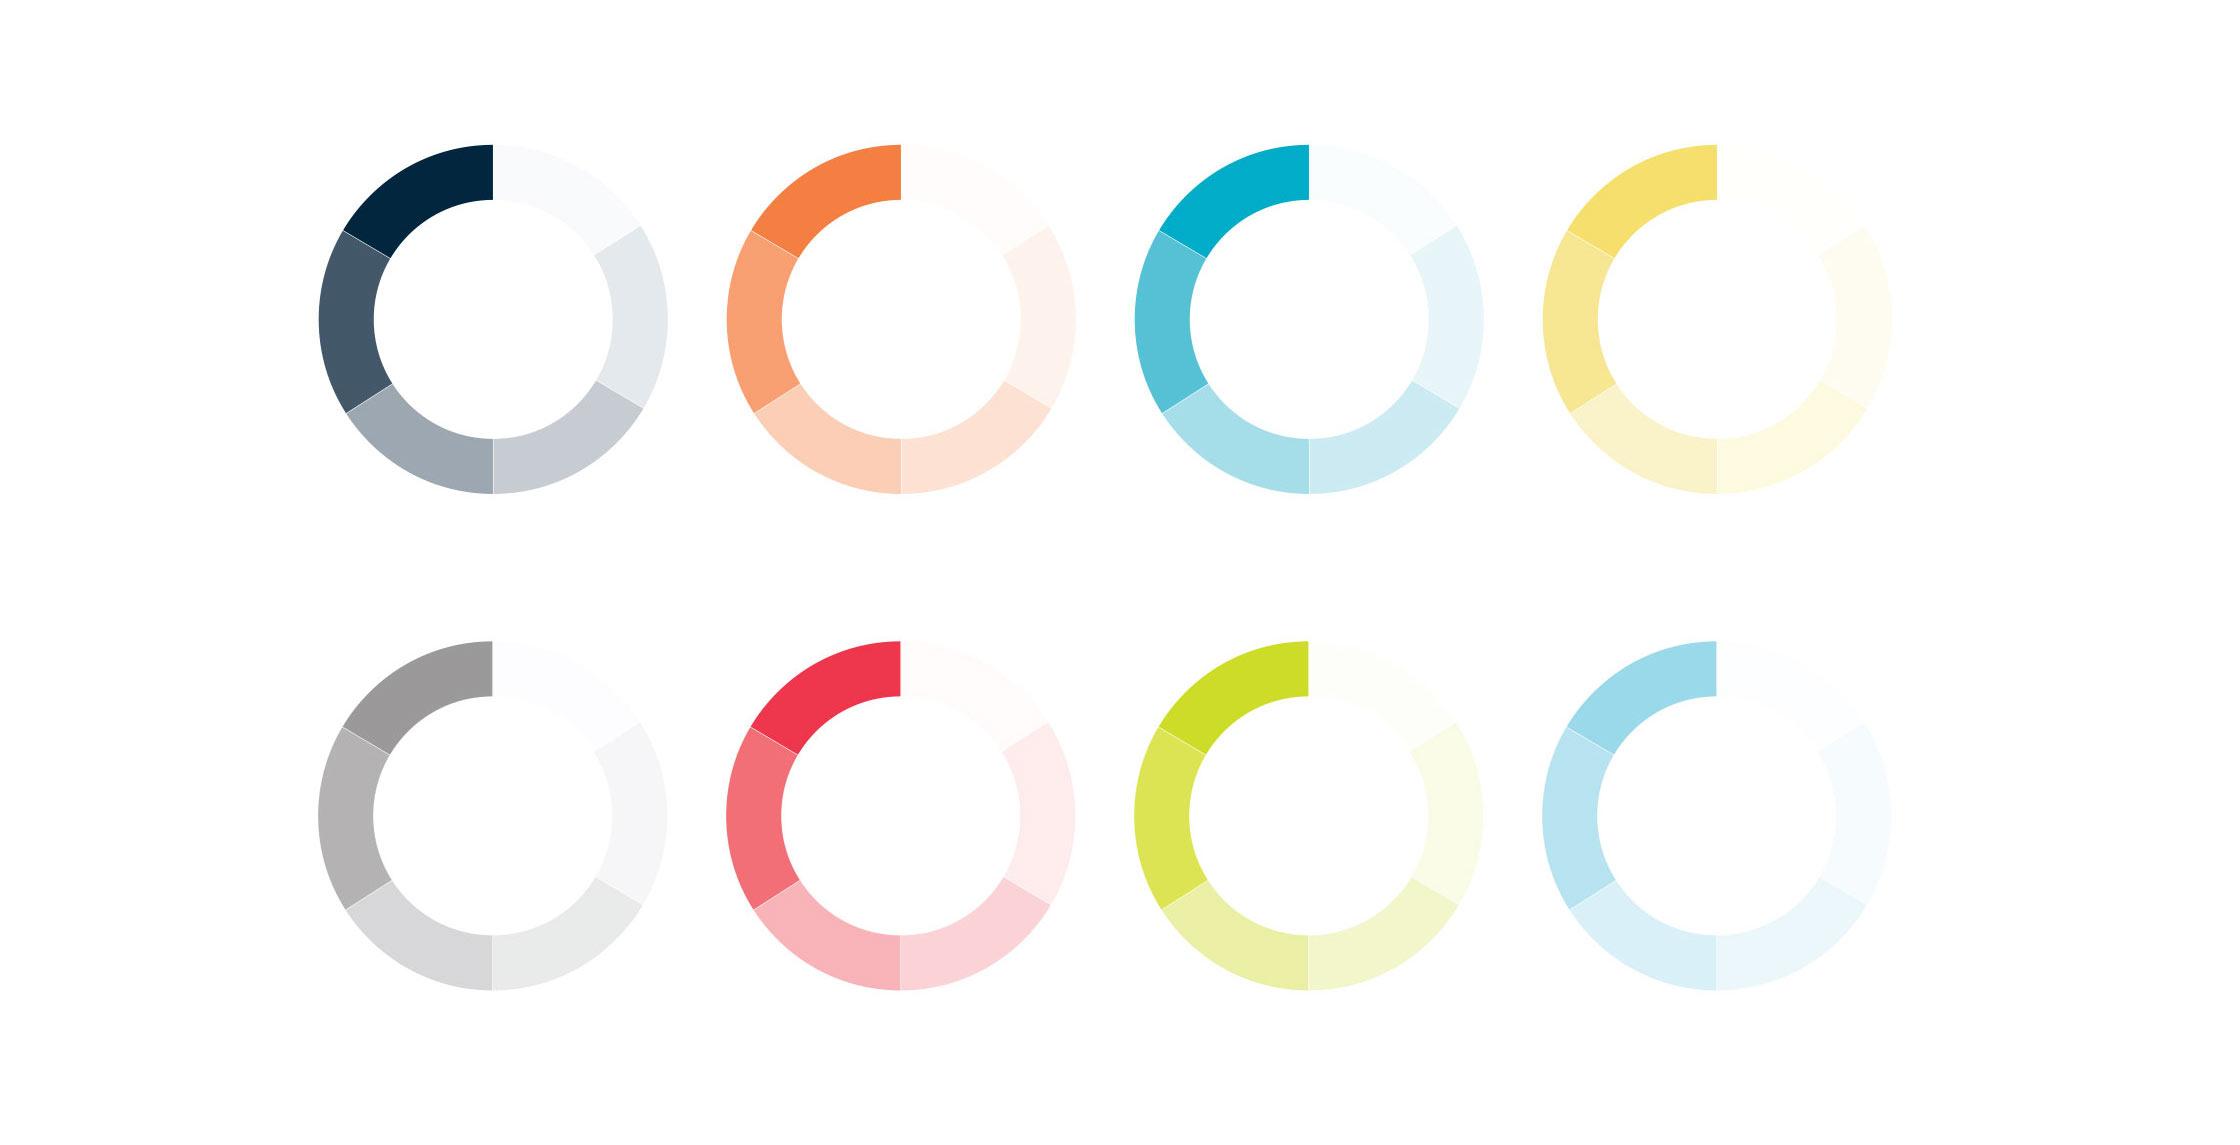 BB&C: Color Palette